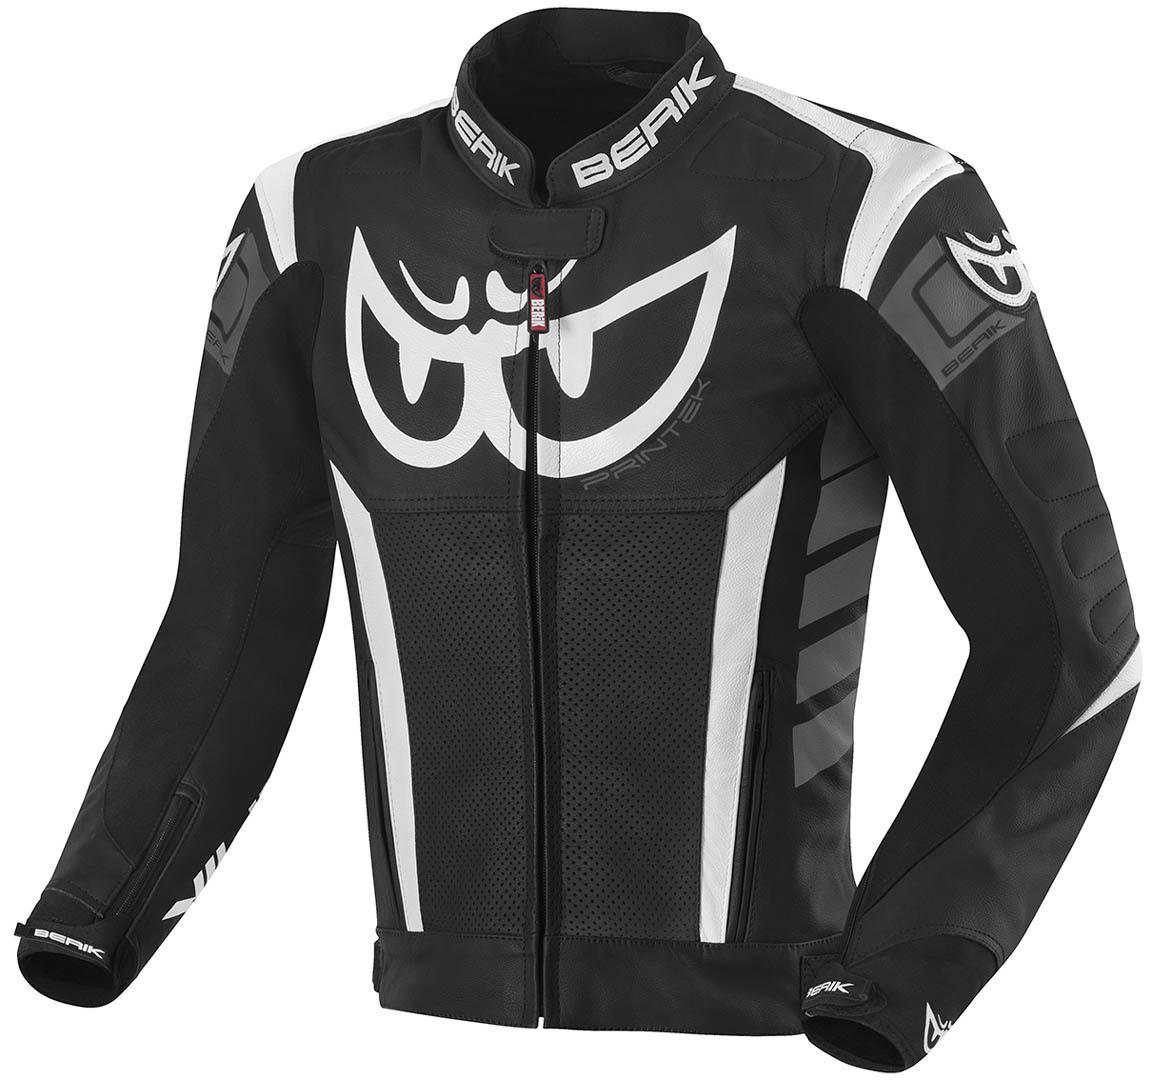 Berik Zakura Motorrad Lederjacke, schwarz-grau-weiss, Größe 52, schwarz-grau-weiss, Größe 52